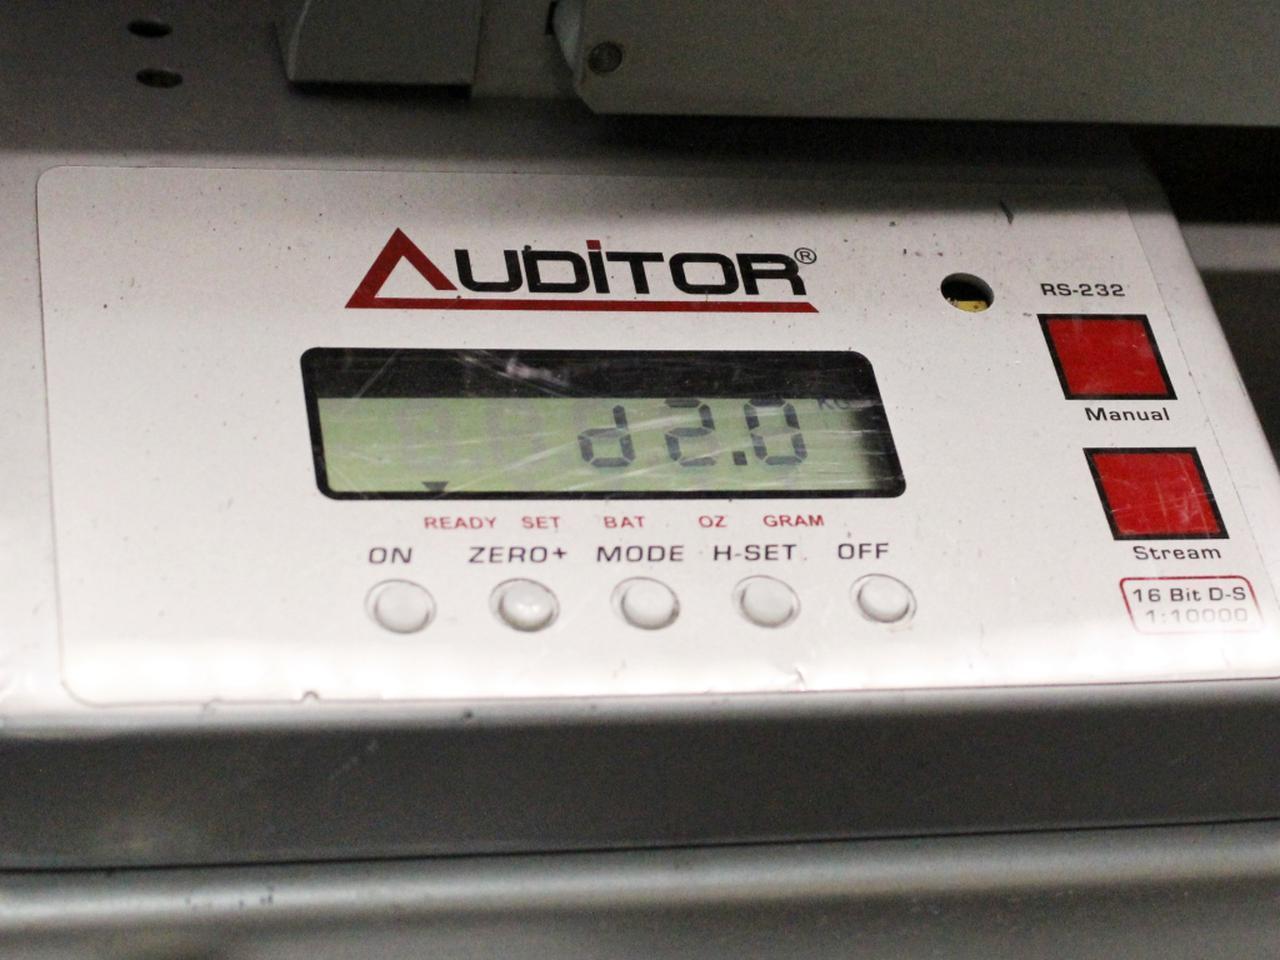 画像: シュリンクを外して計測すると、バランスは完璧にD2を表示